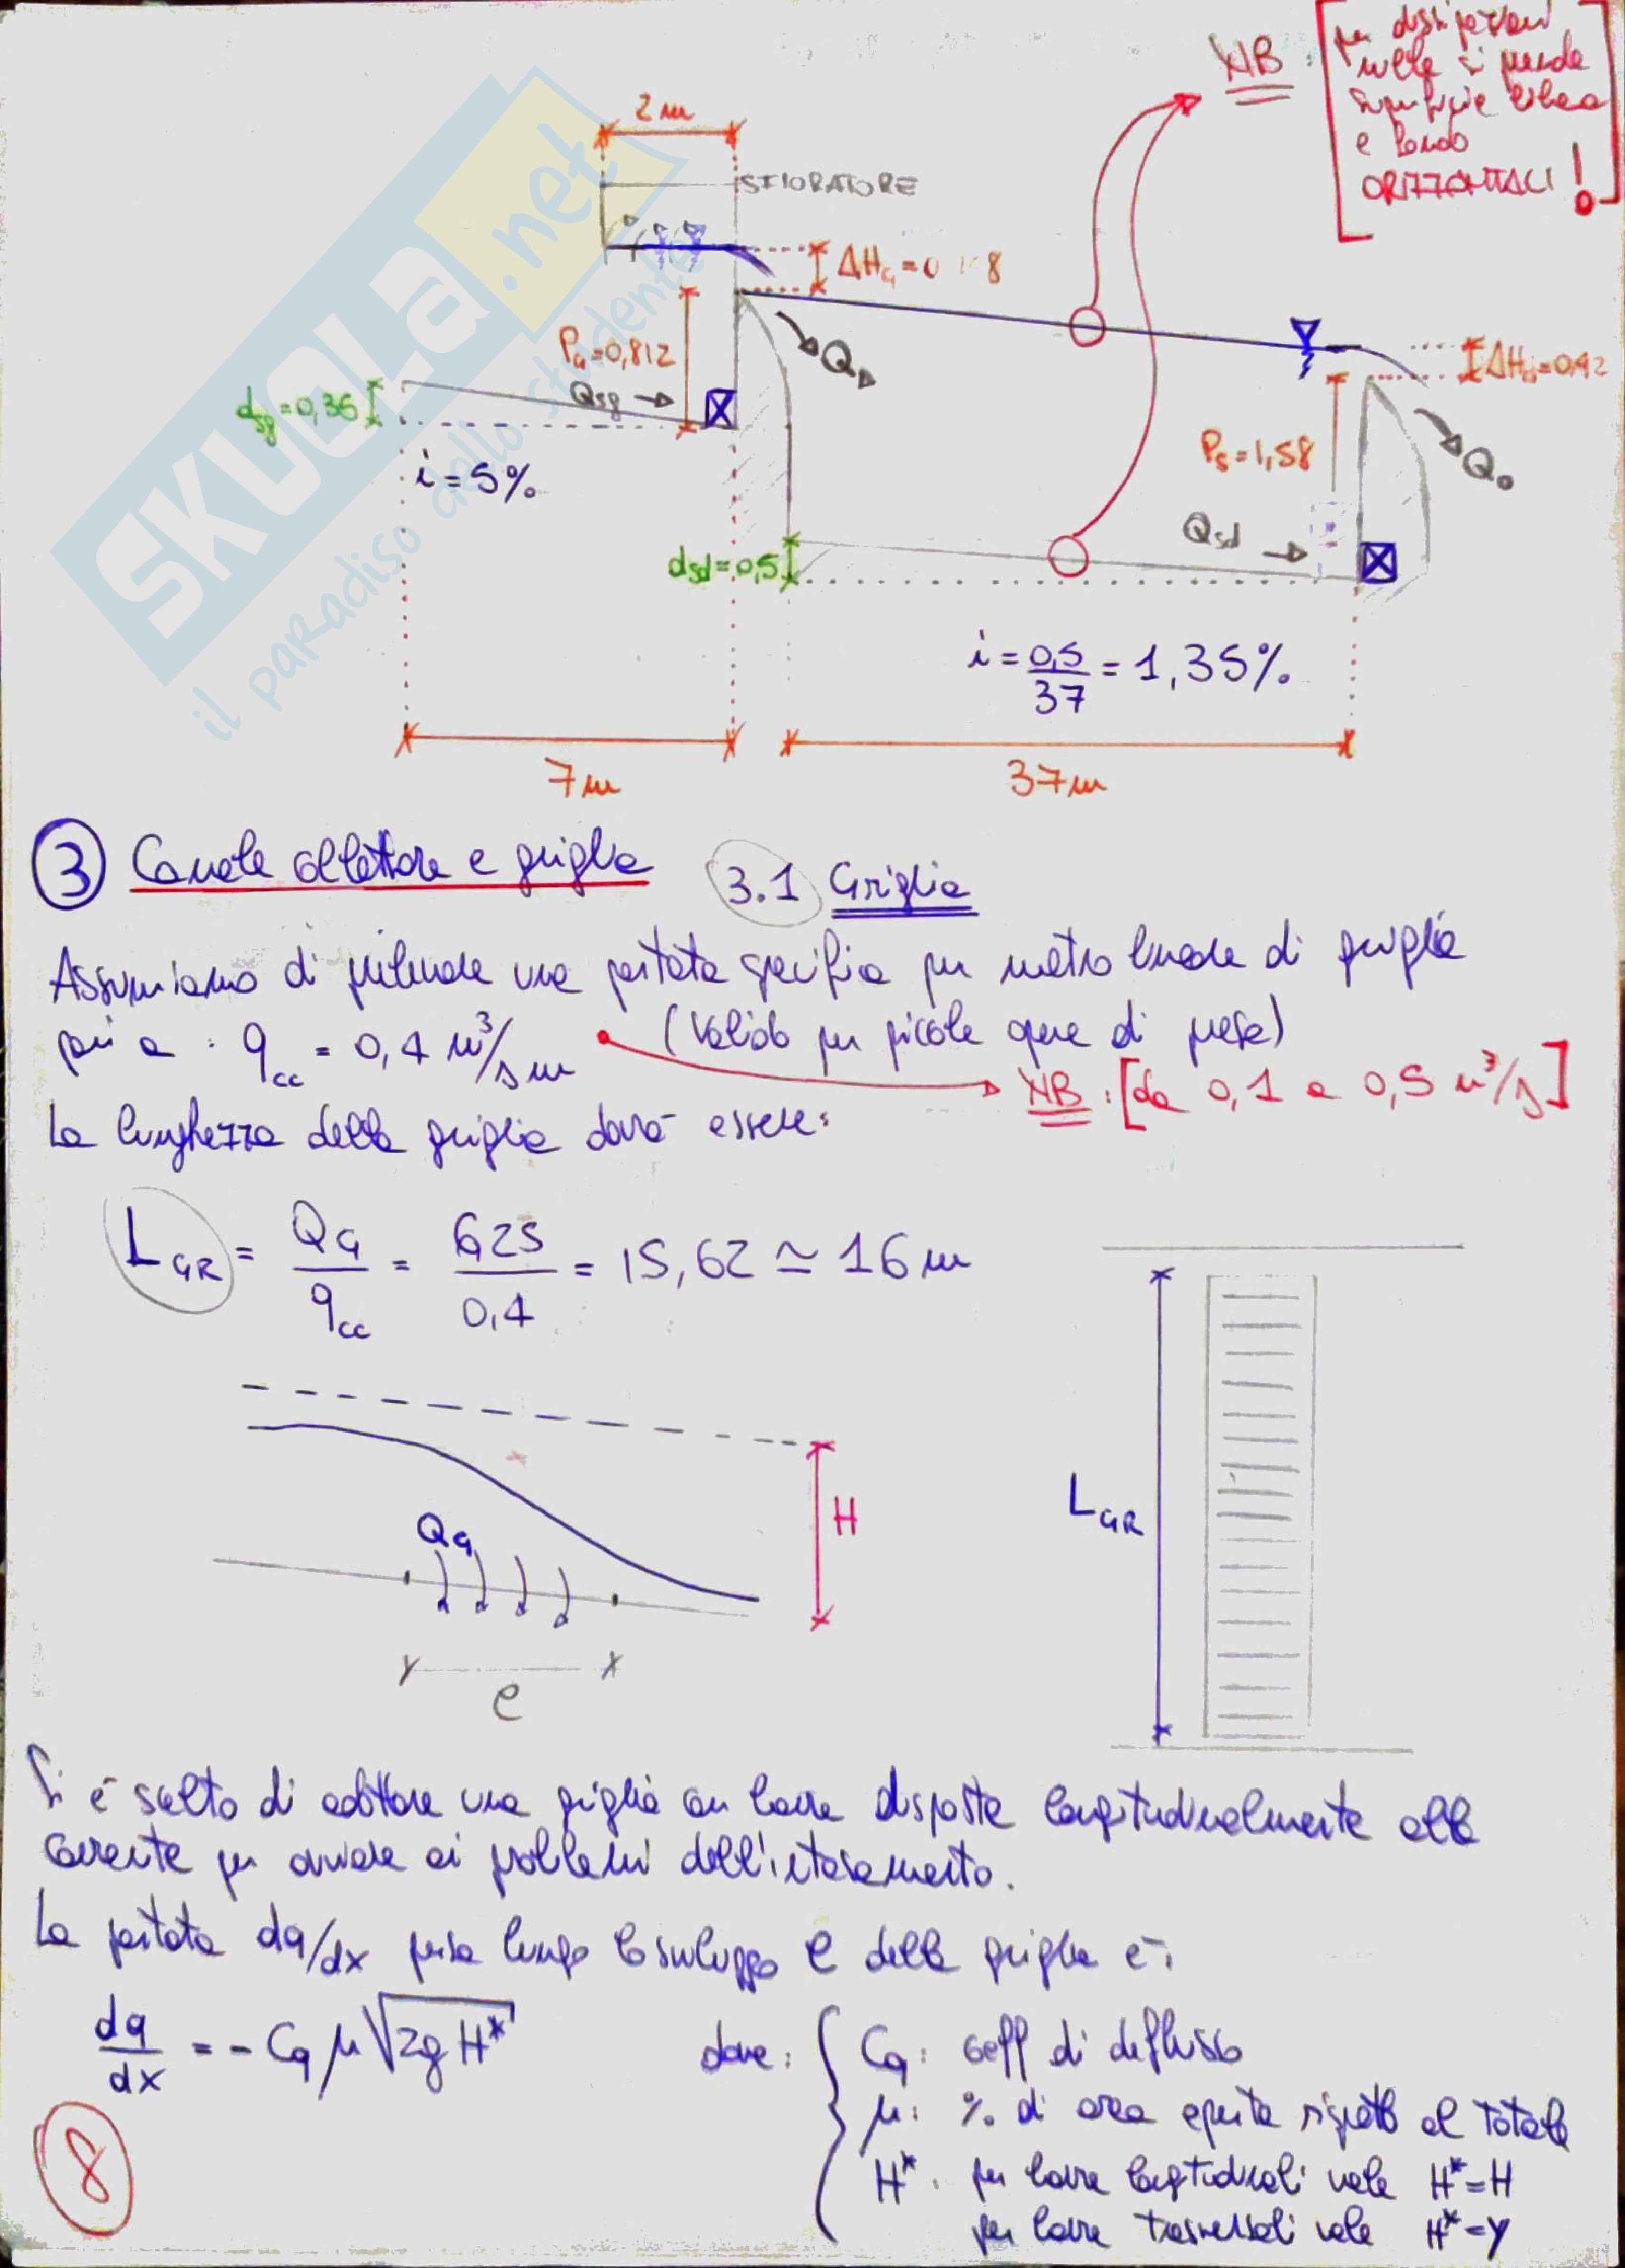 Costruzioni idrauliche 2 (River Engineering) - Temi svolti Pag. 71